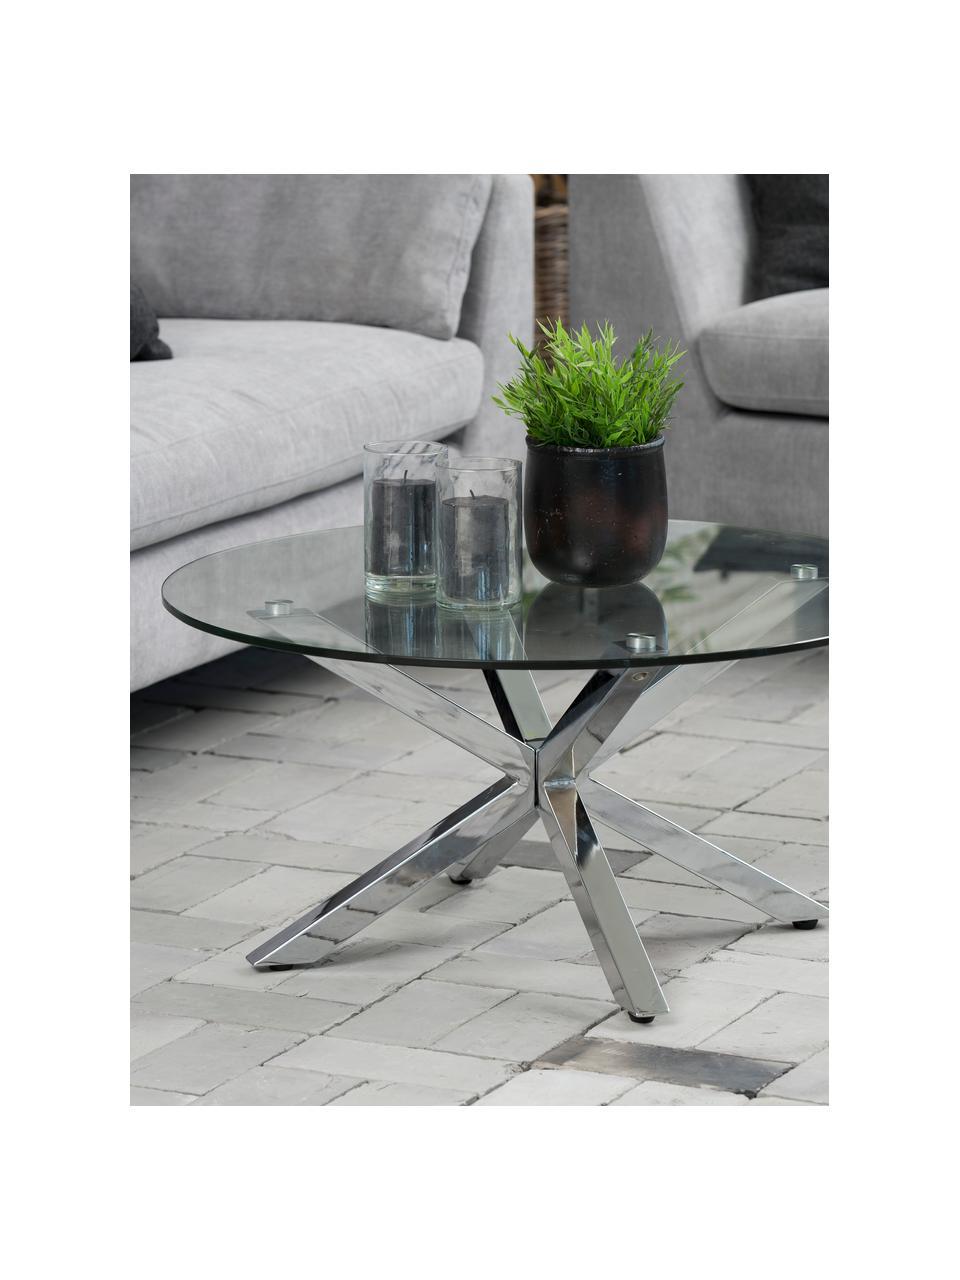 Stolik kawowy z metalu ze szklanym blatem Emilie, Blat: szkło, Nogi: metal, chromowany, Transparentny, srebrny, Ø 82 x W 40 cm